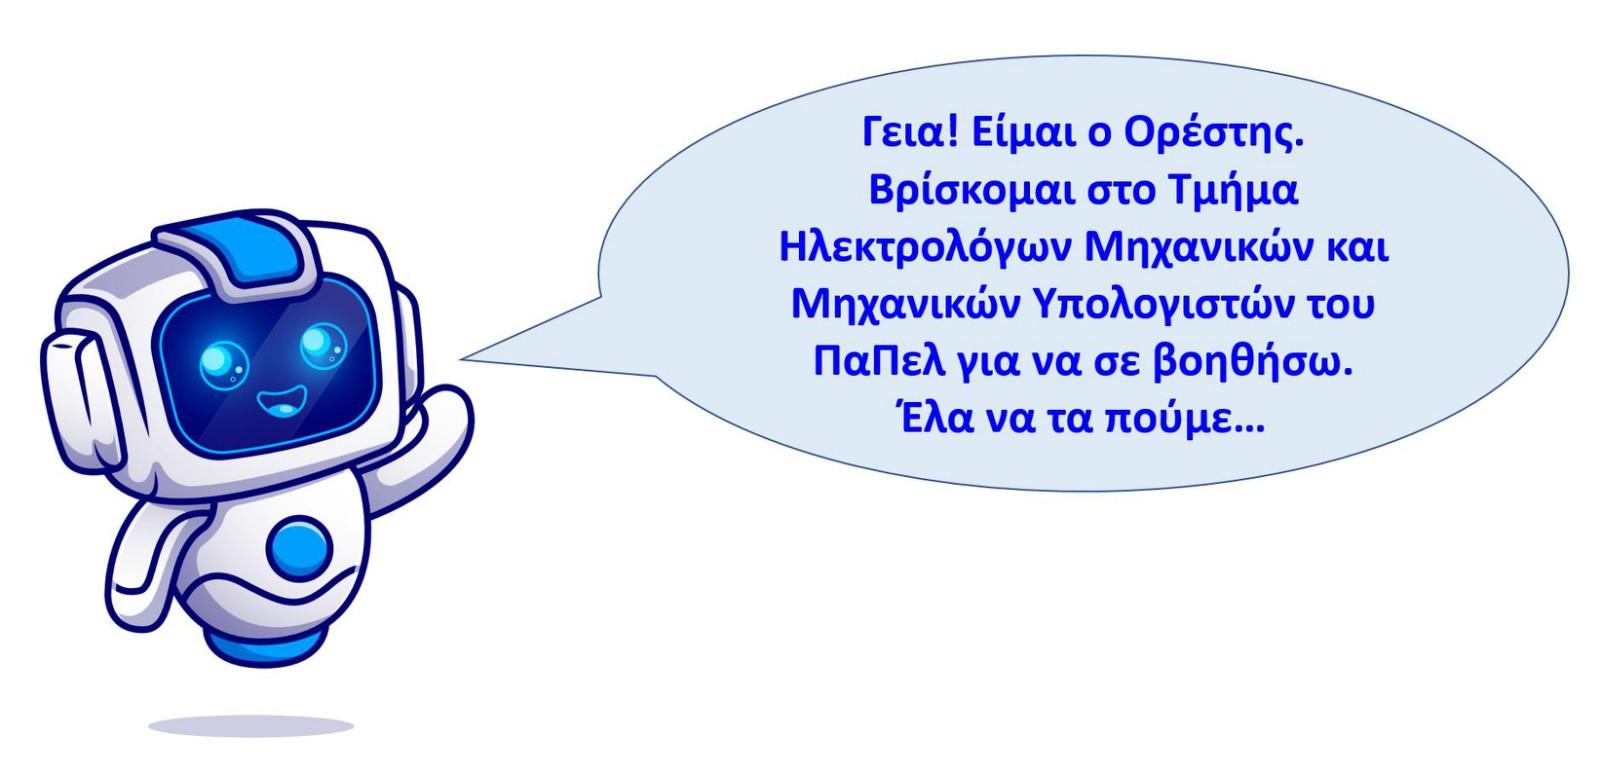 orestis speaking1